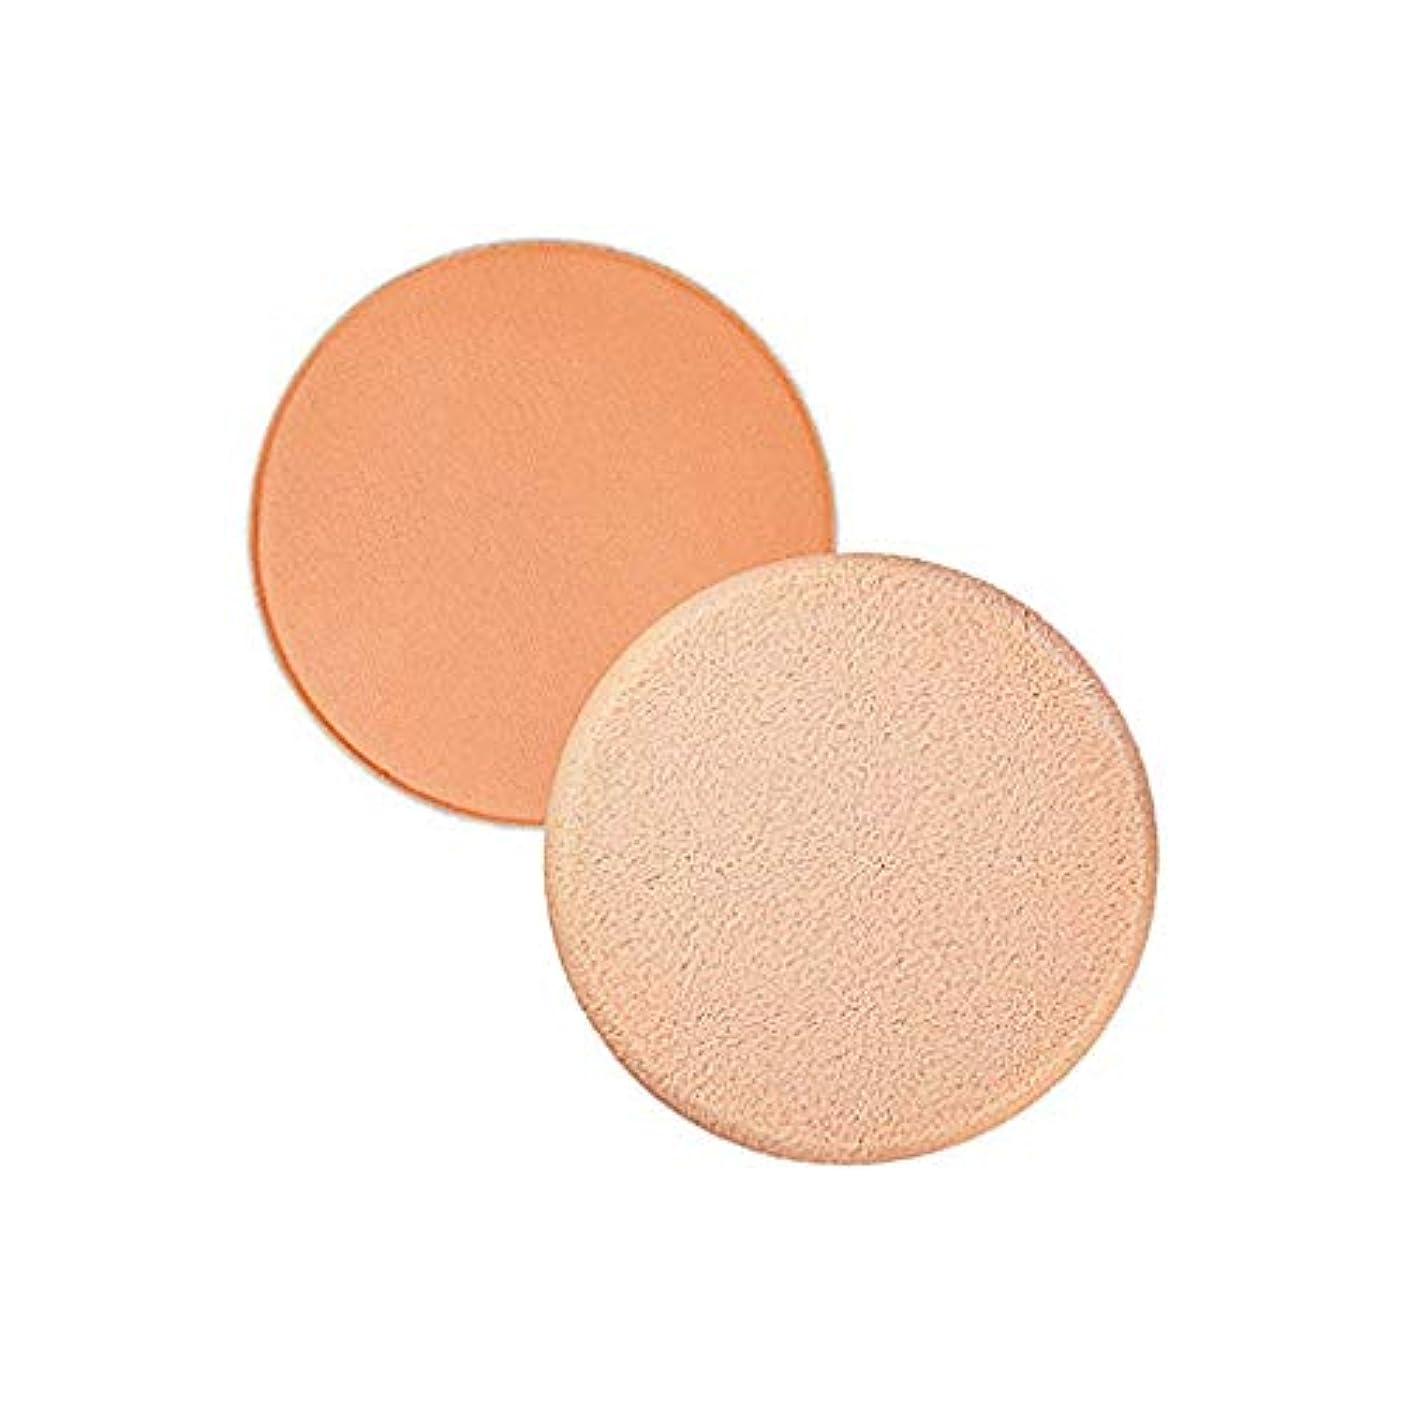 一晩艦隊シマウマ資生堂 UV Protective Compact Foundation SPF36 Refill - #Light Ivory 12g/0.42oz並行輸入品